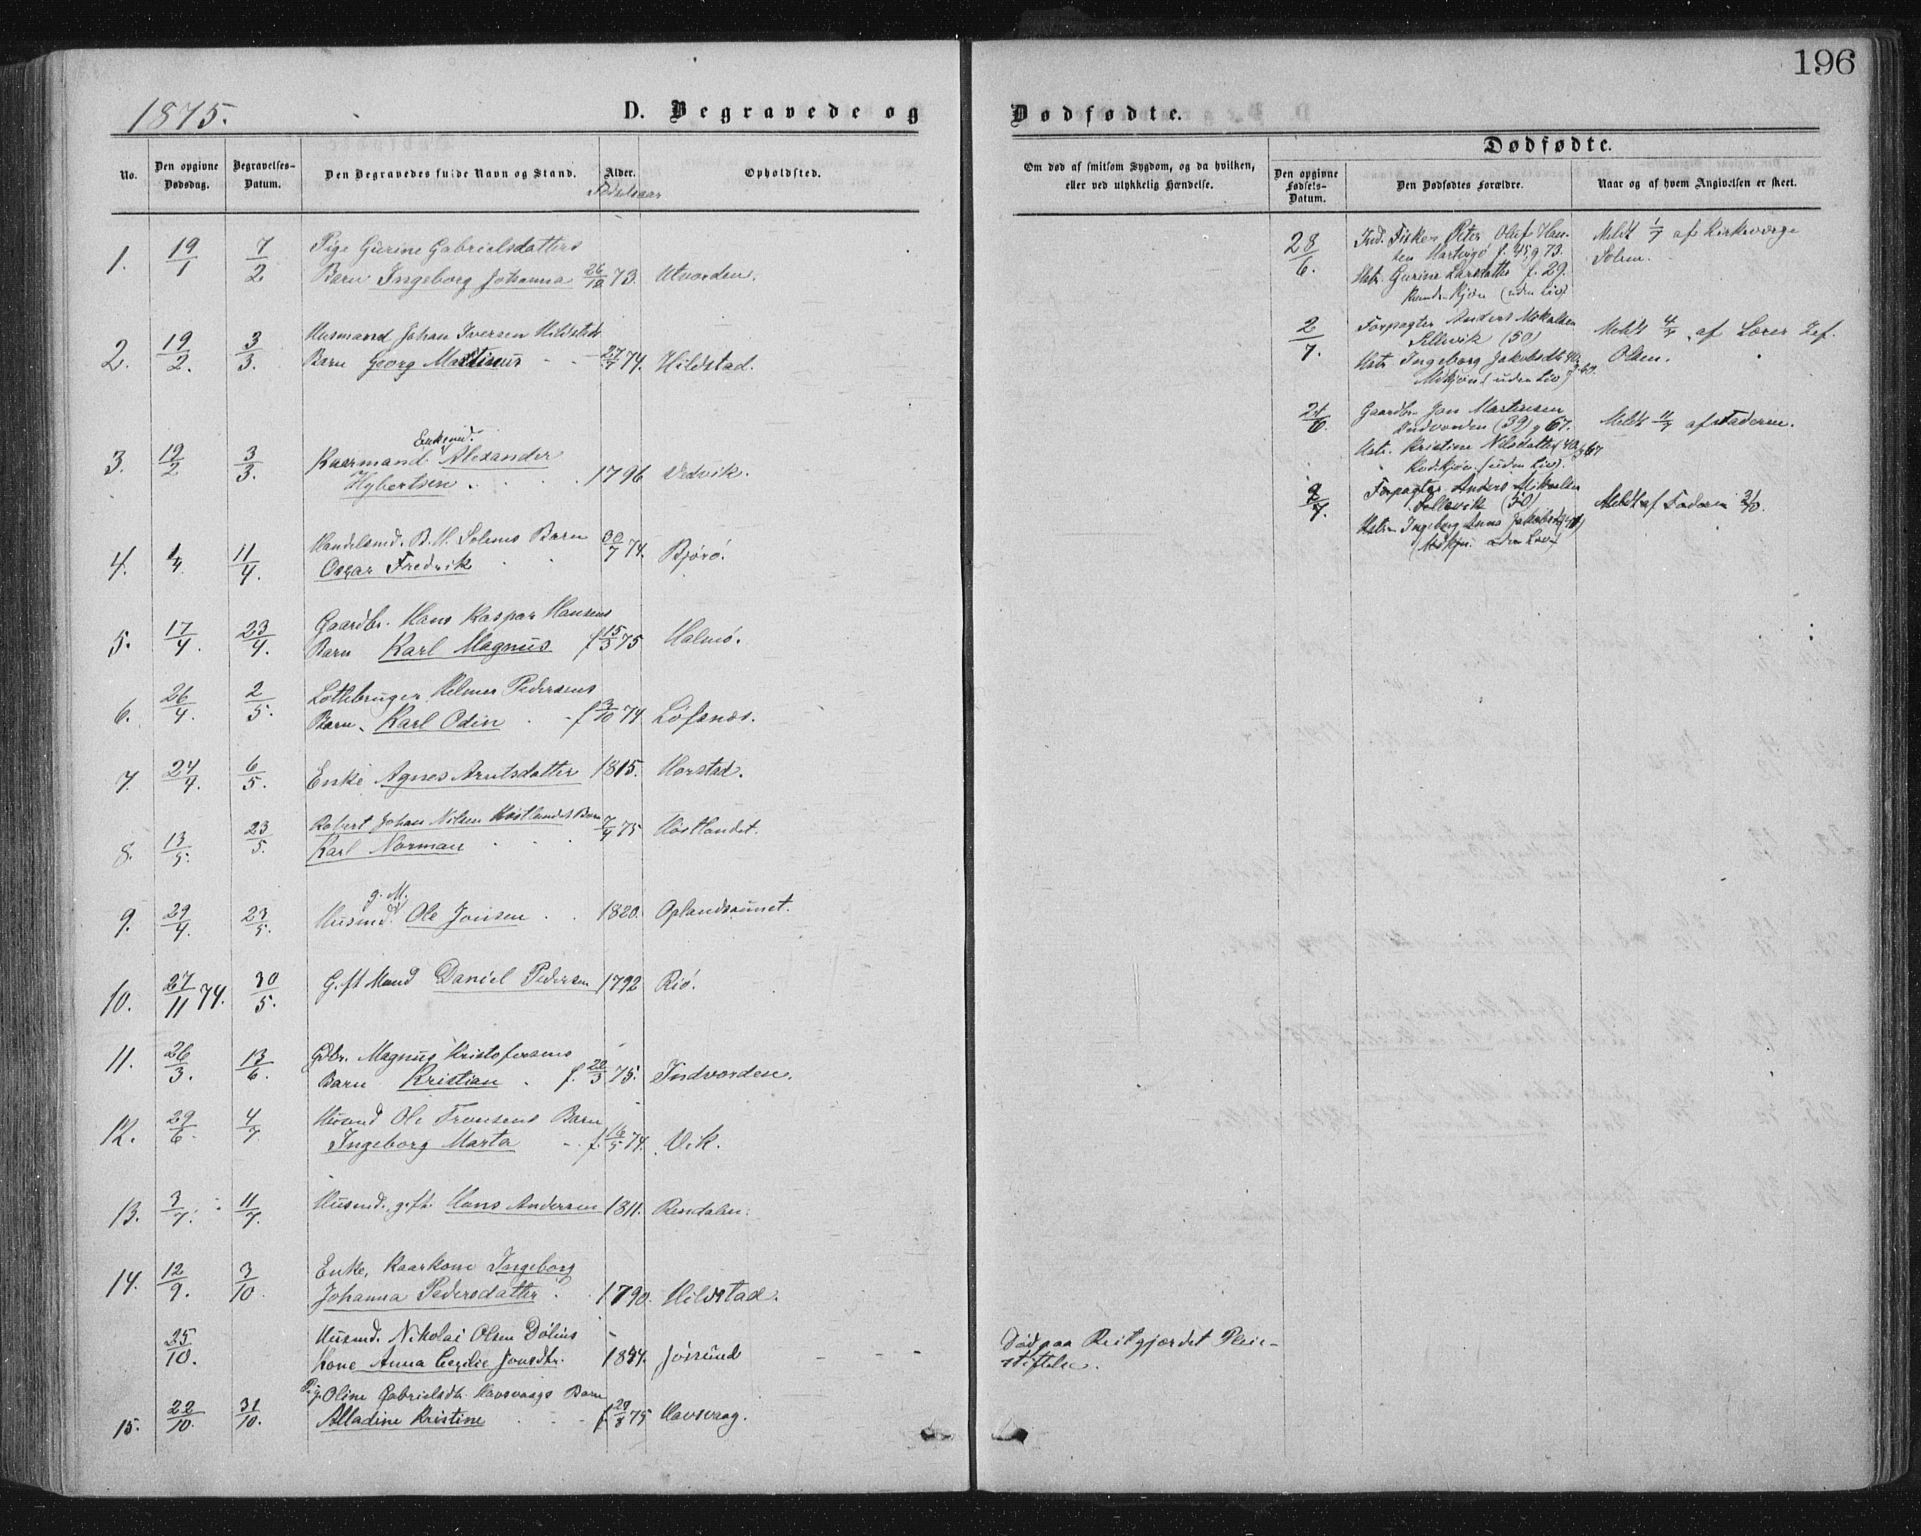 SAT, Ministerialprotokoller, klokkerbøker og fødselsregistre - Nord-Trøndelag, 771/L0596: Ministerialbok nr. 771A03, 1870-1884, s. 196